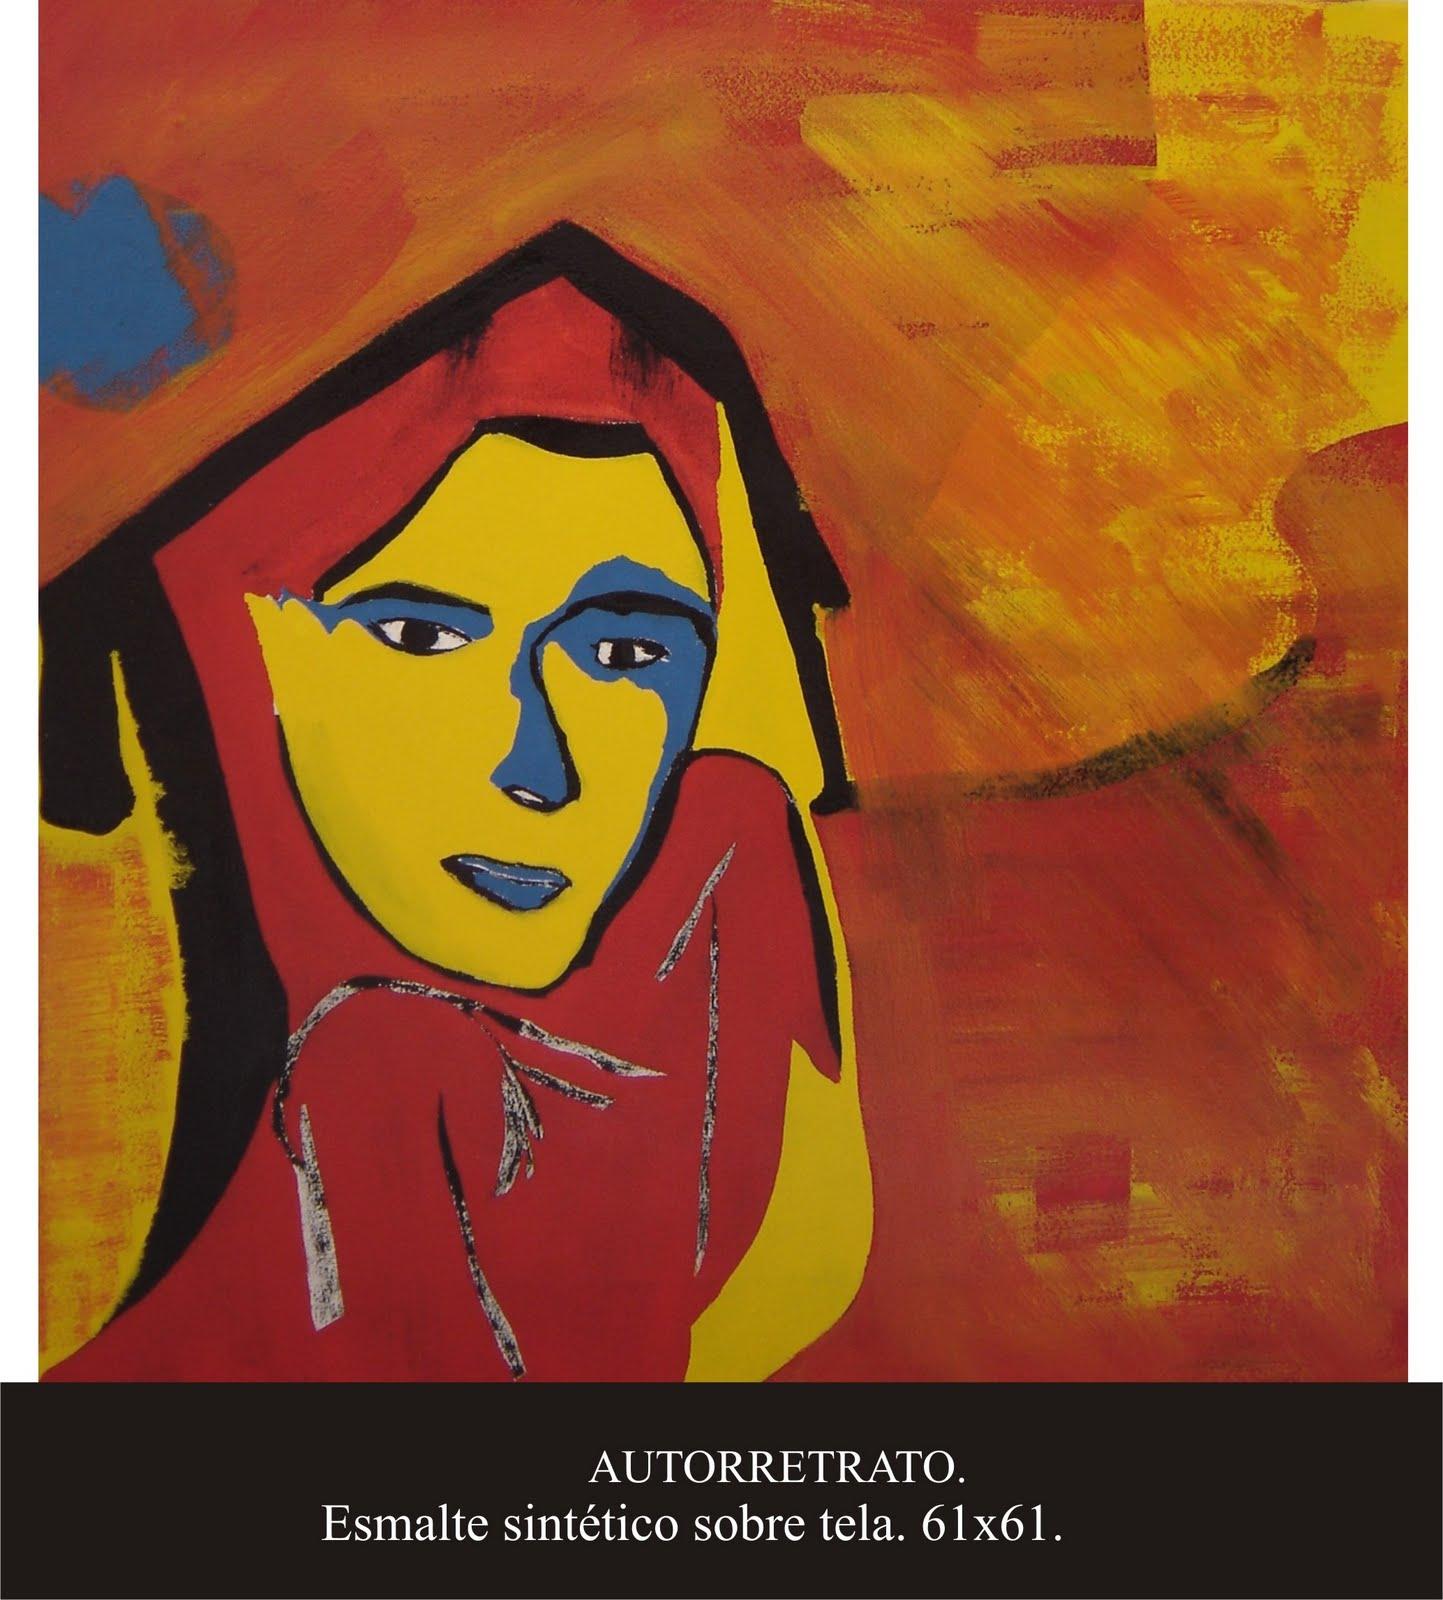 Catalogo de pinturas autorretratos autorretrato1 - Catalogo pinturas bruguer ...